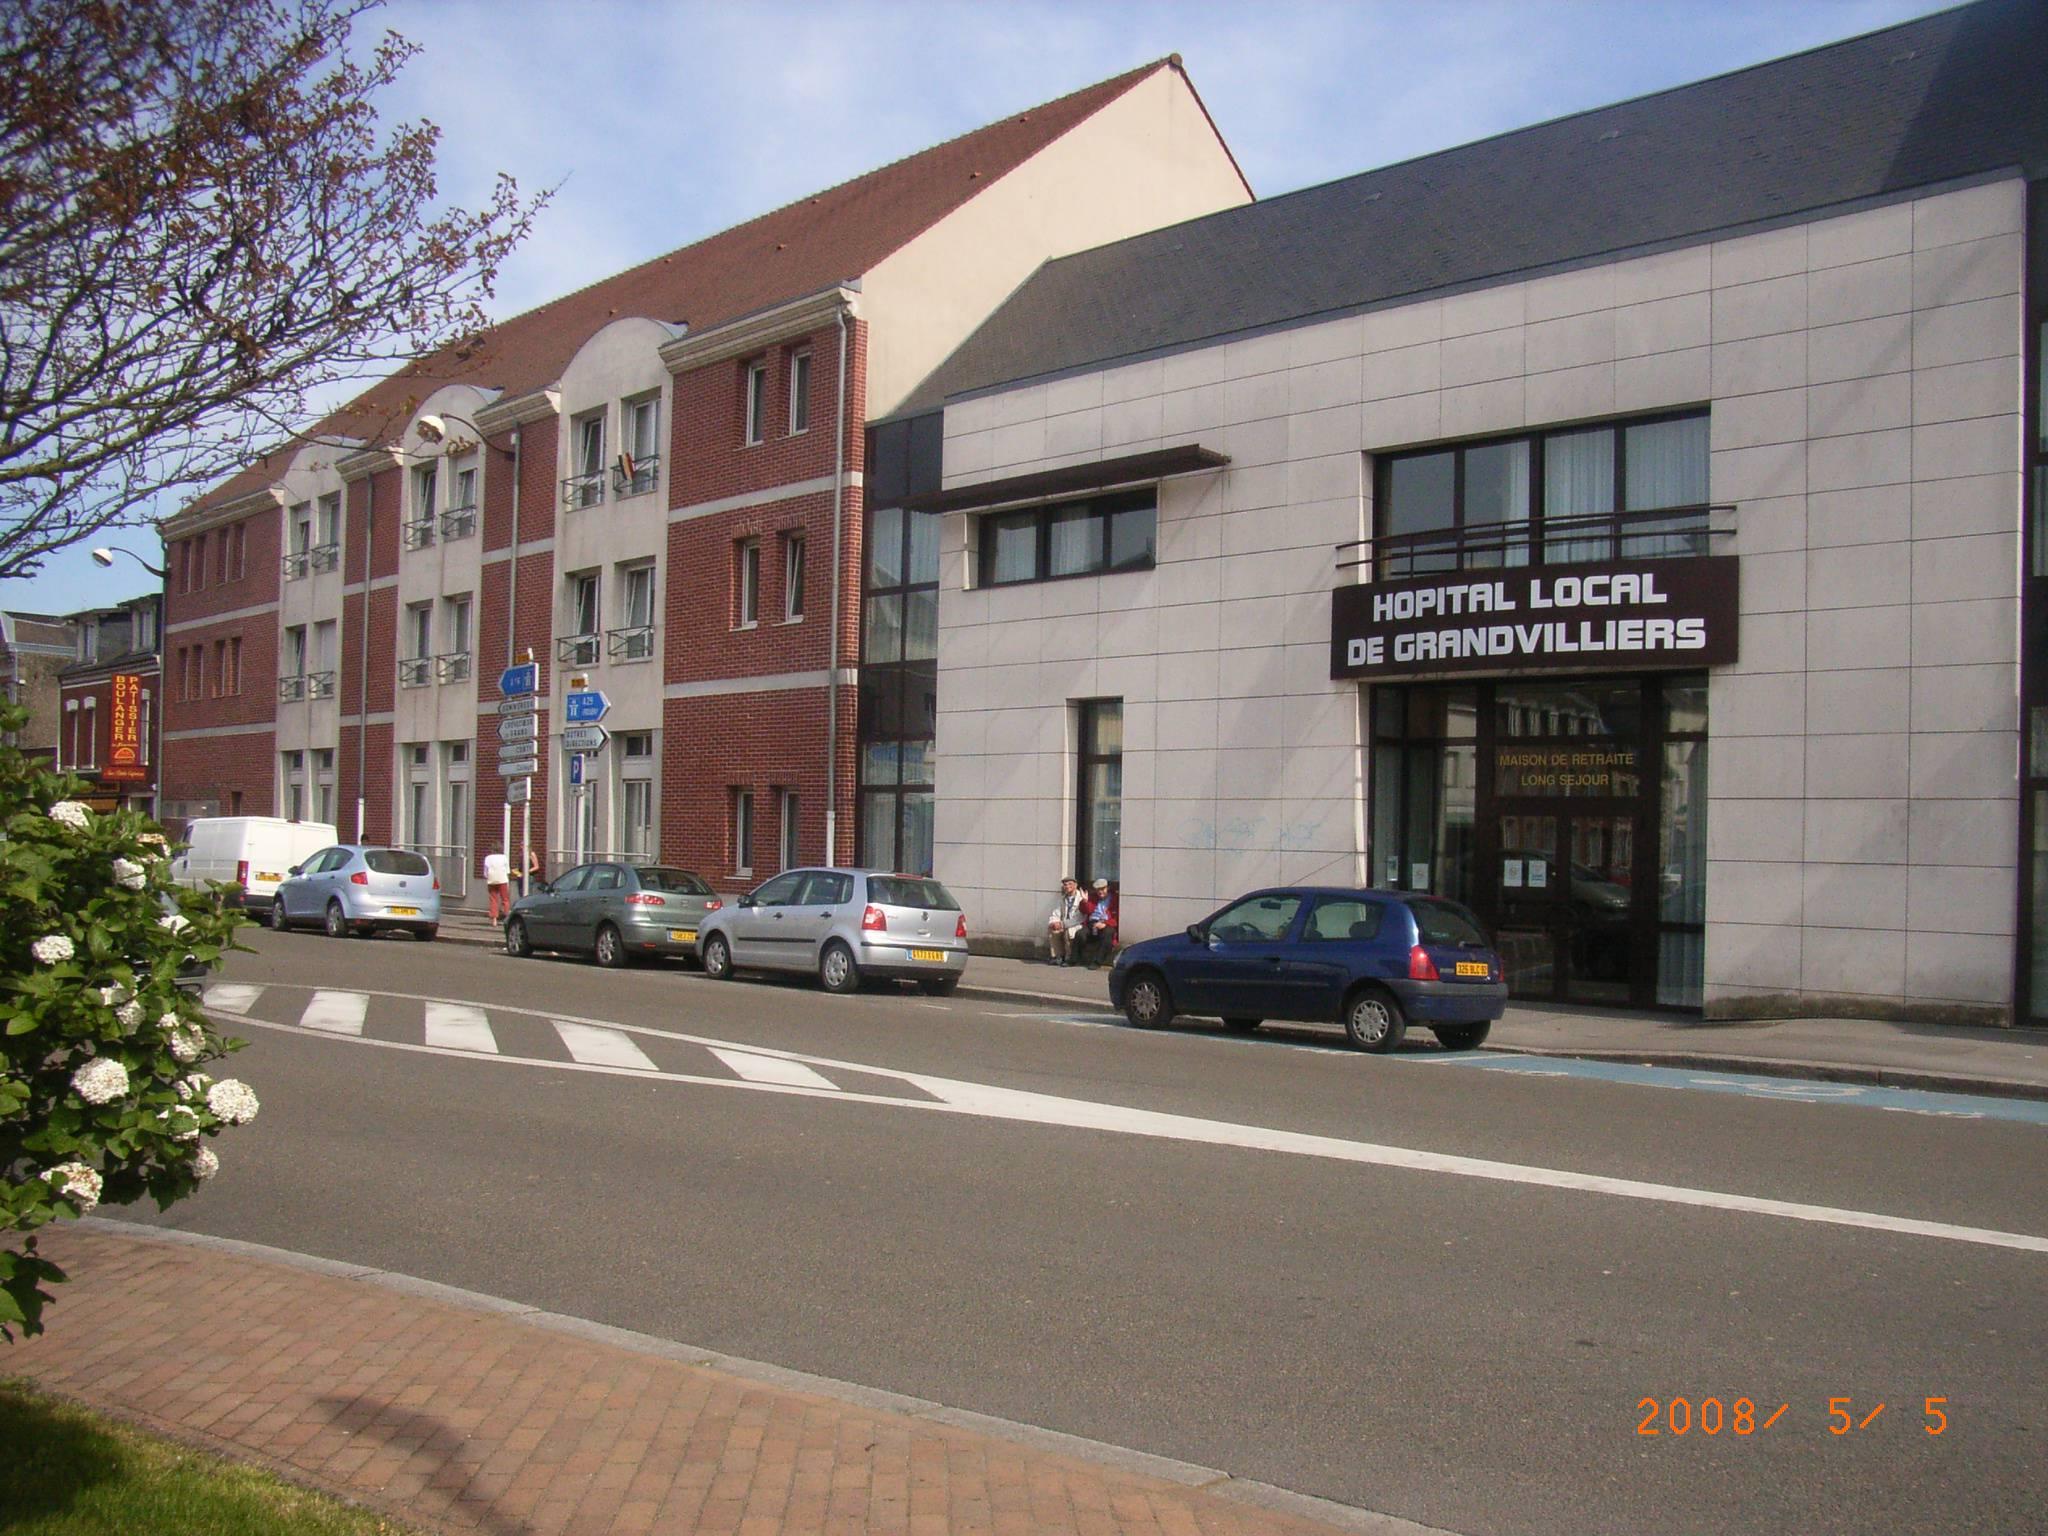 Hopital ehpad grandvilliers maisons de retraite for Annuaire maison de retraite